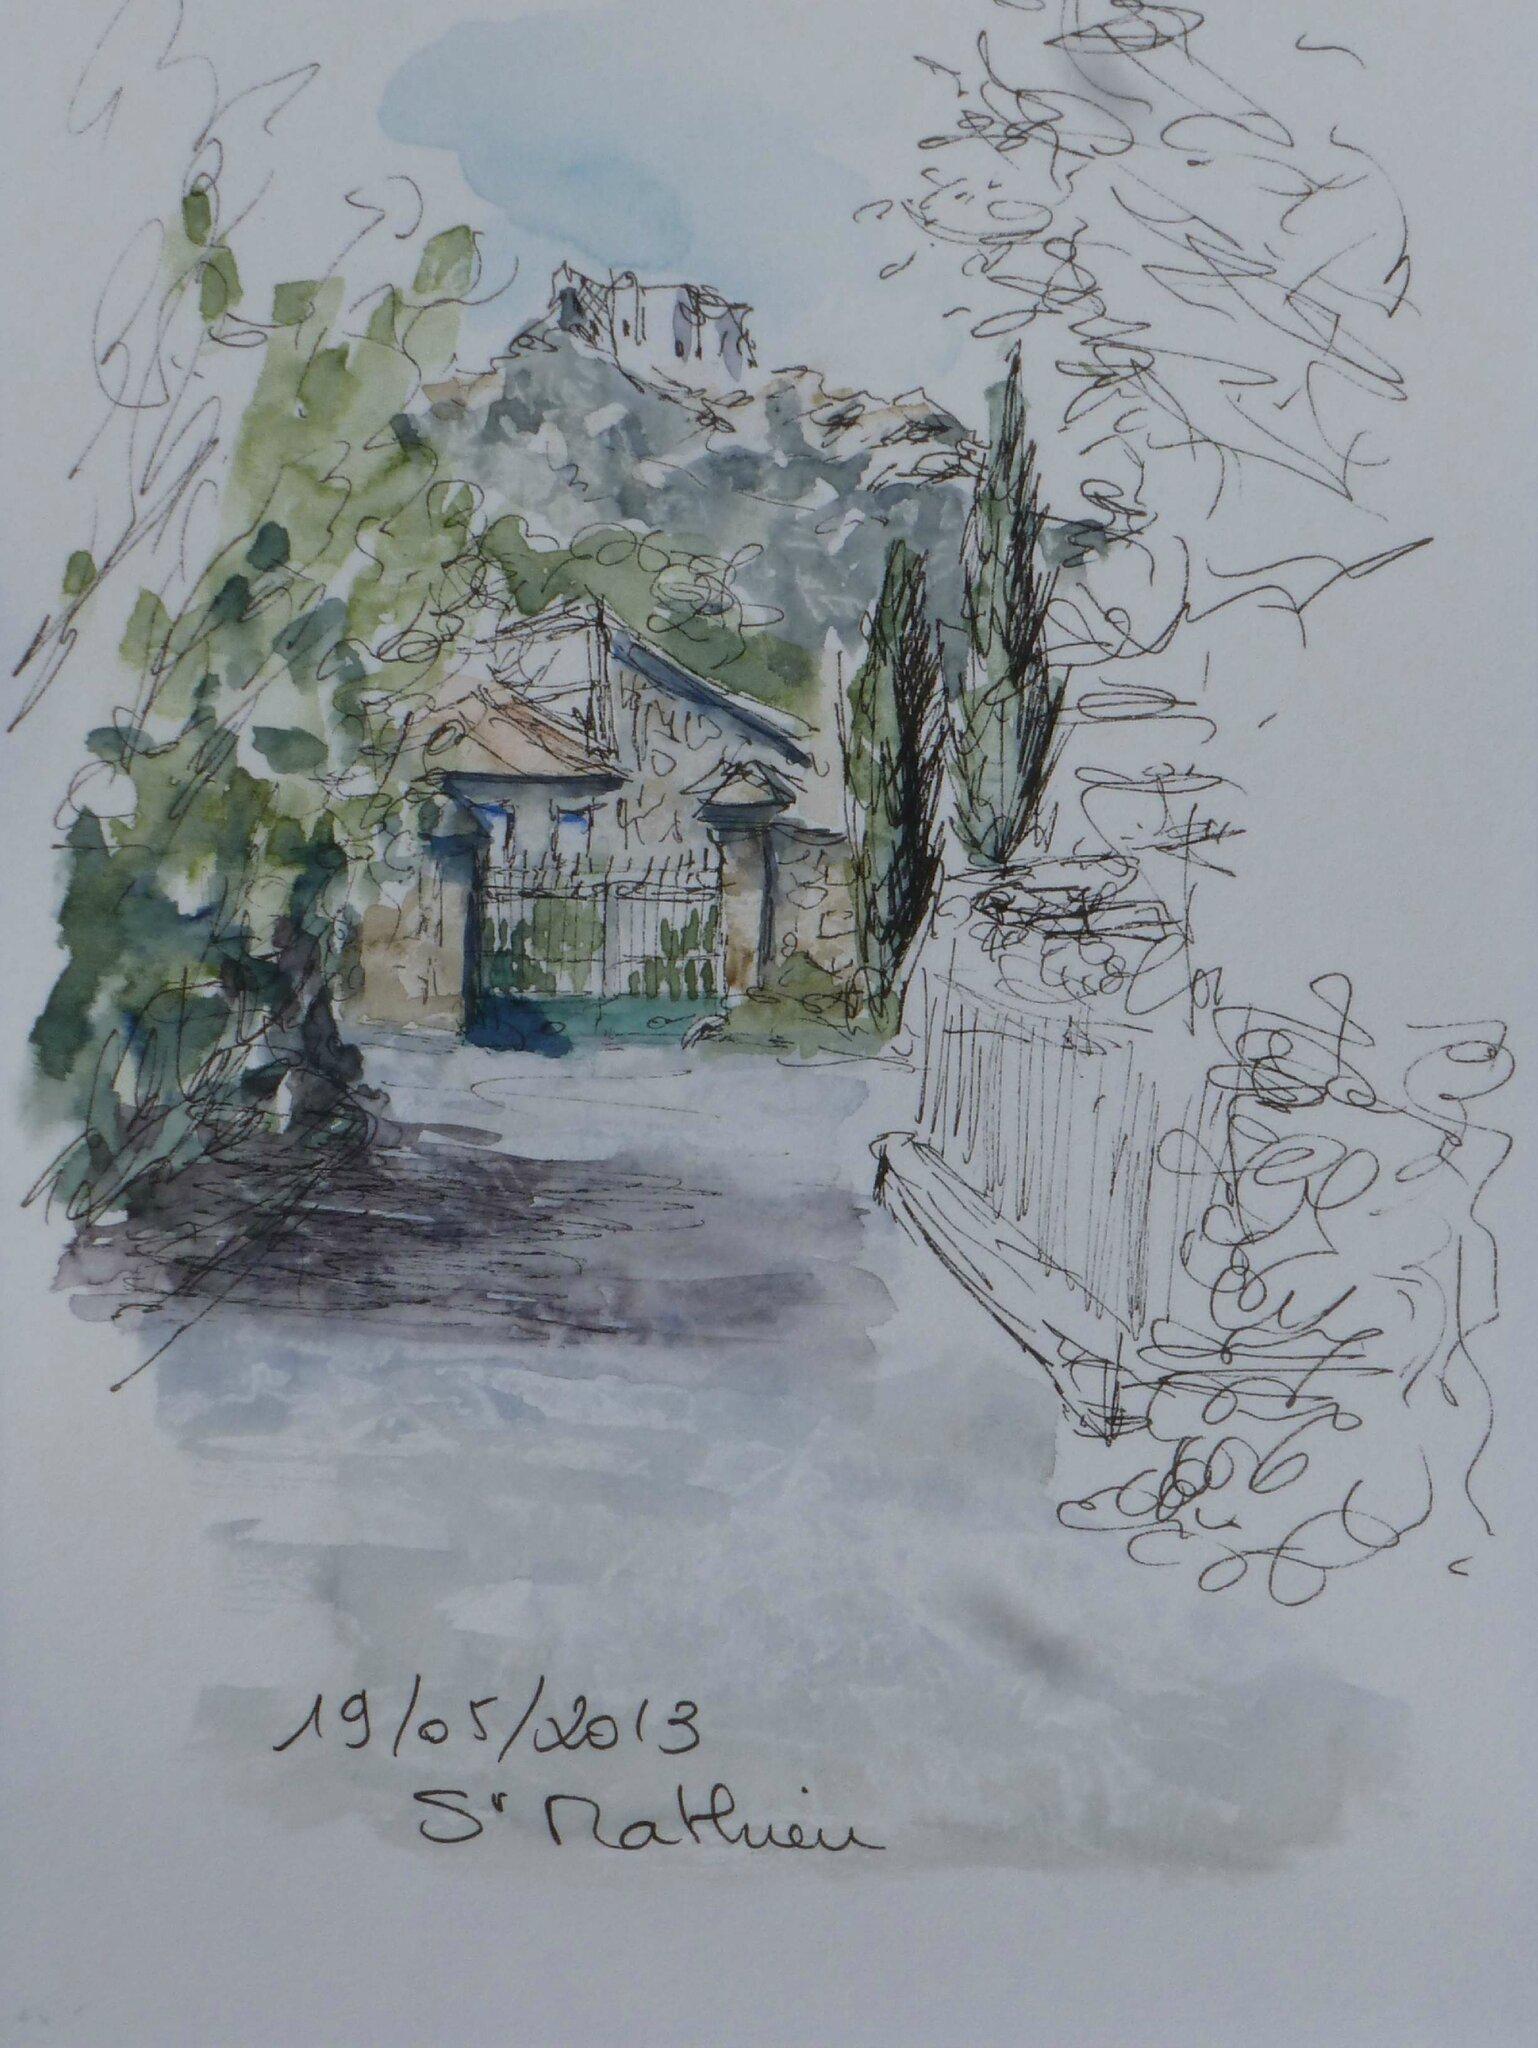 34-St-Mathieu-montferrand